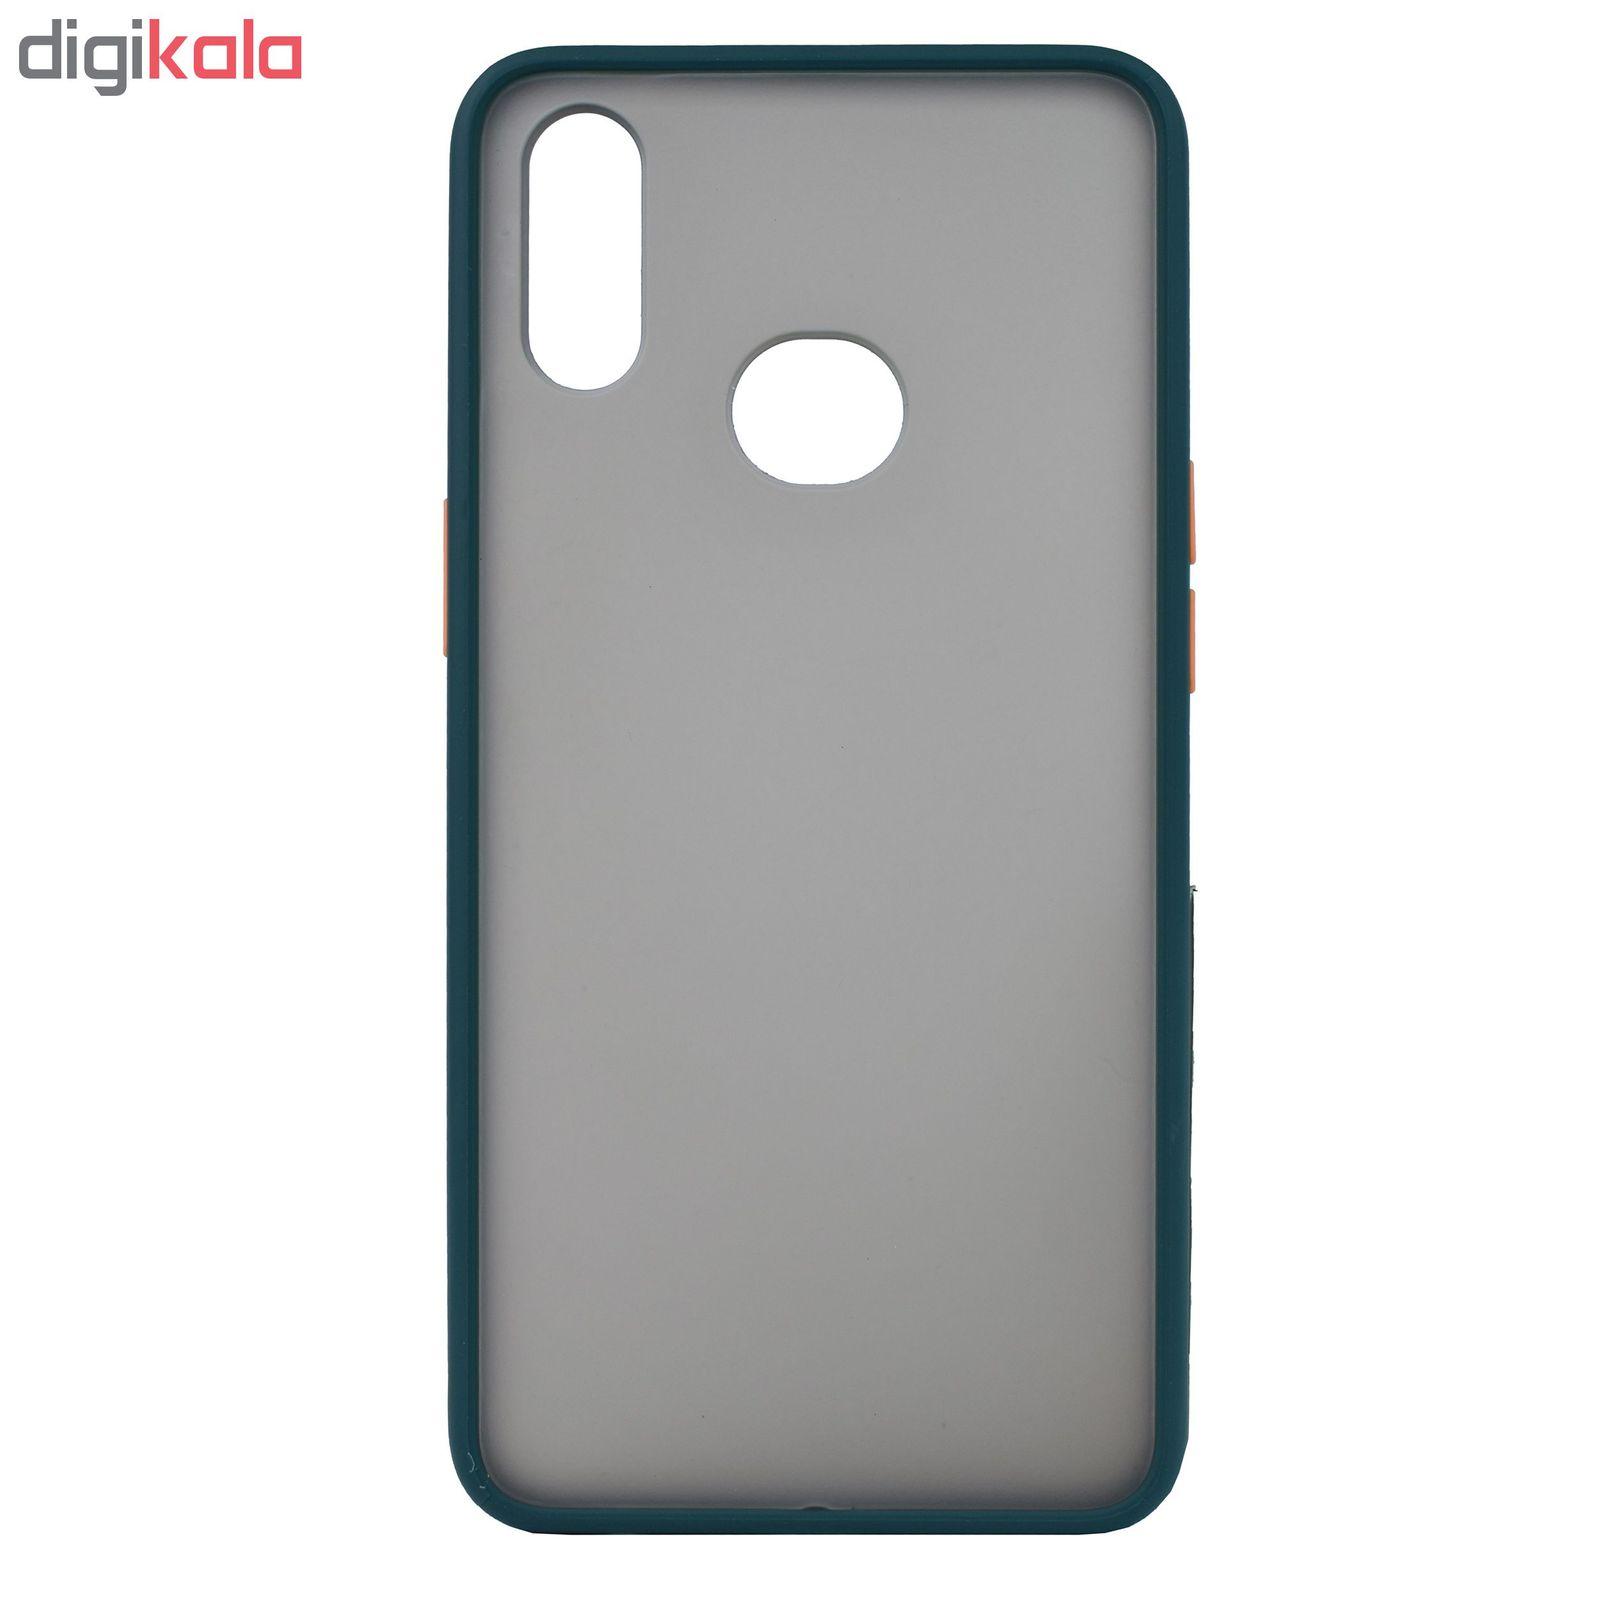 کاور مدل Slico01 مناسب برای گوشی موبایل سامسونگ Galaxy A10S main 1 12